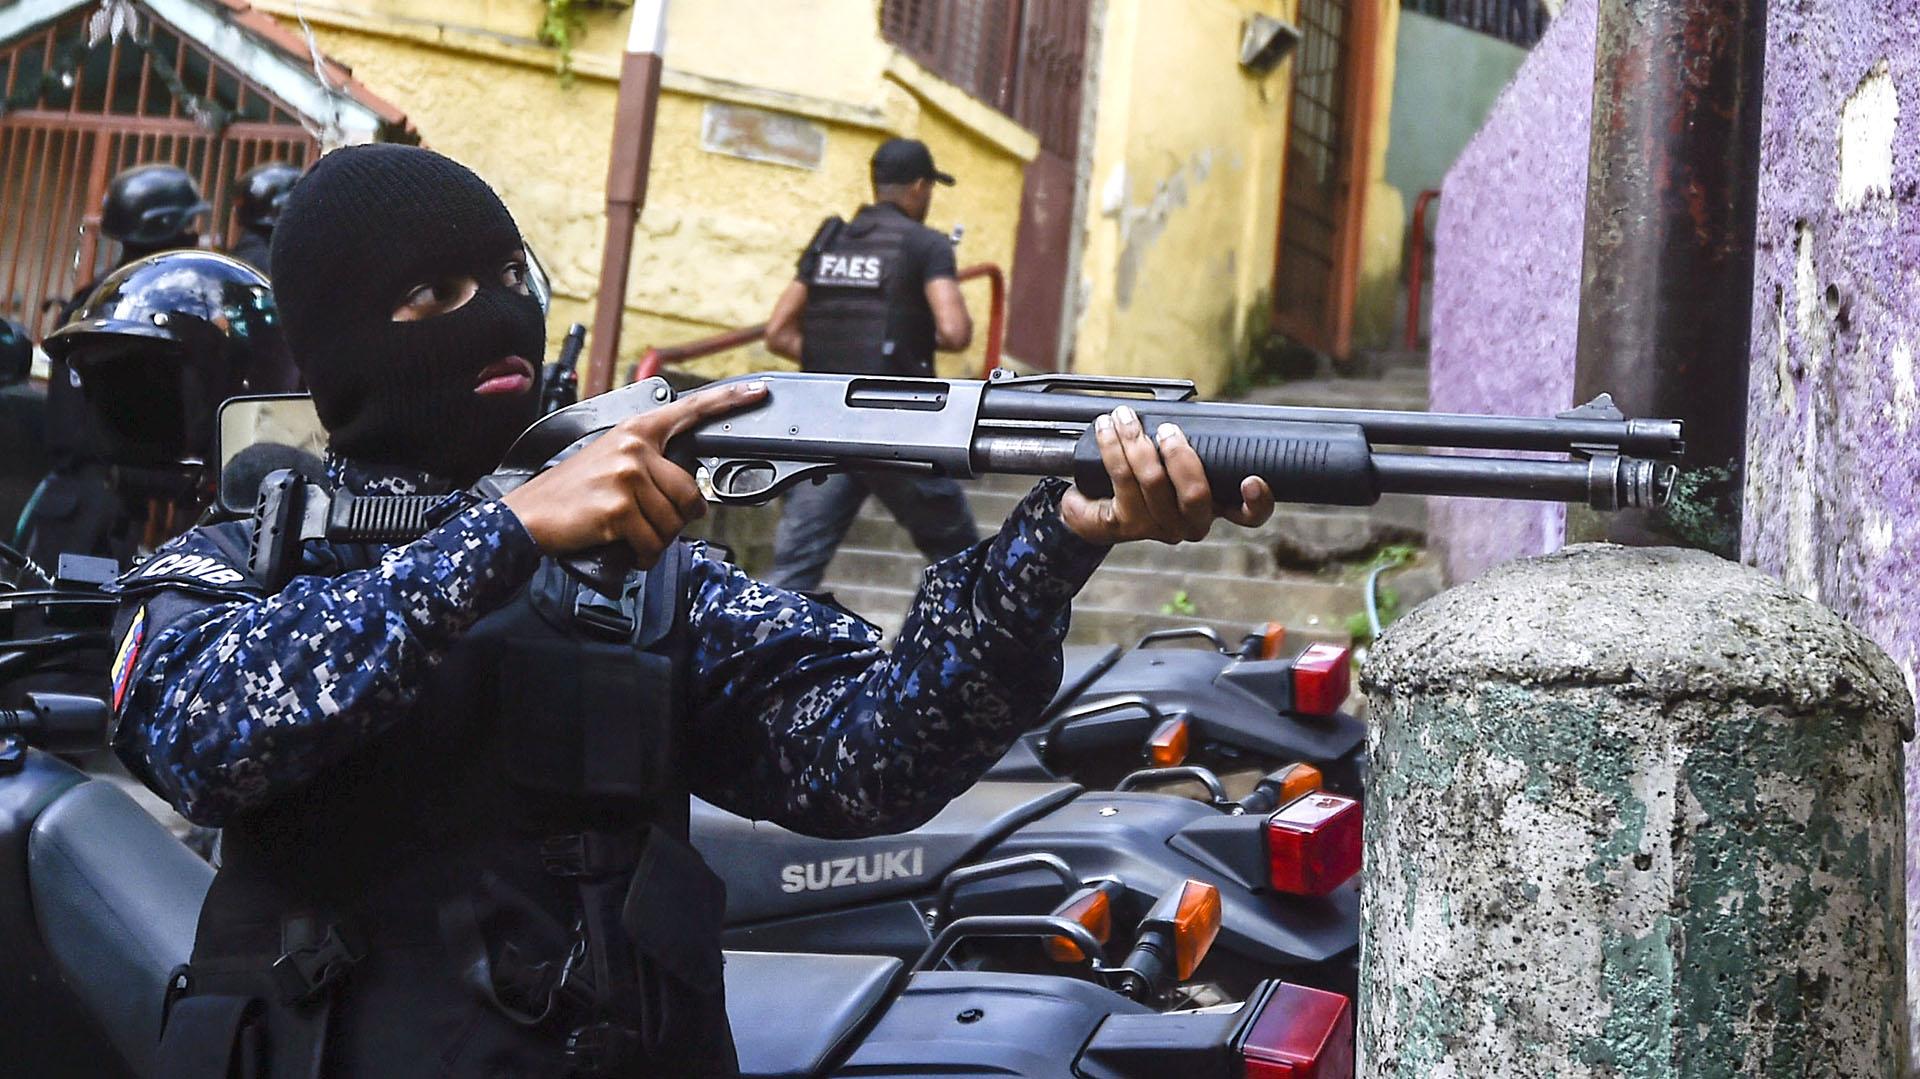 En paralelo el FAES (Fuerza de Acción Especial de la Policía Nacional Bolivariana) tomó fuerza como grupo de tareas. De manera sigilosa, sin grandes operativos y con agentes anónimos -van siempre con la cara cubierta- se ocuparon de sofocar cualquier protesta en los barrios más pobres del país.